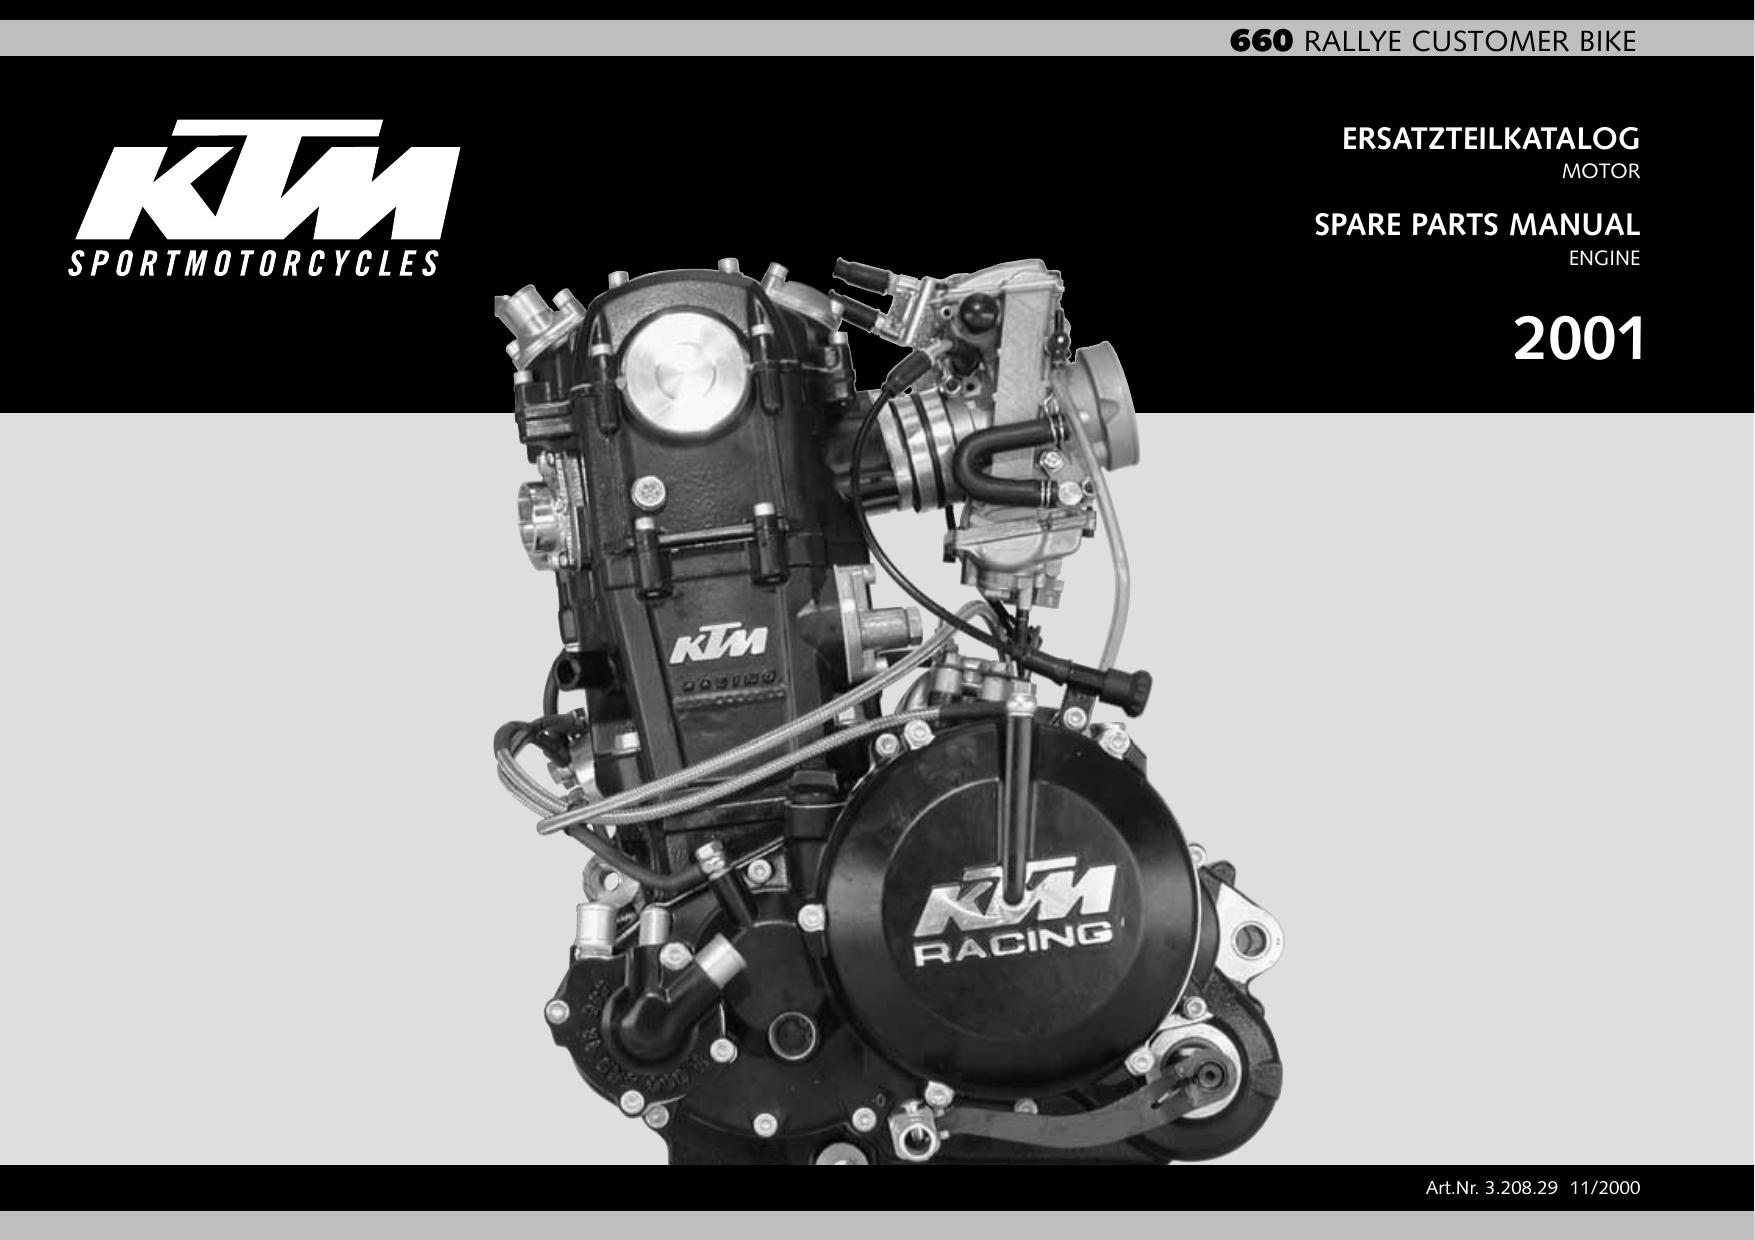 Motorrad Bike Service Abzieher Schwungrad Abzieher 28/x1,0/ //Magneto Flywheel Puller 28/x1,0/ Puller Motor